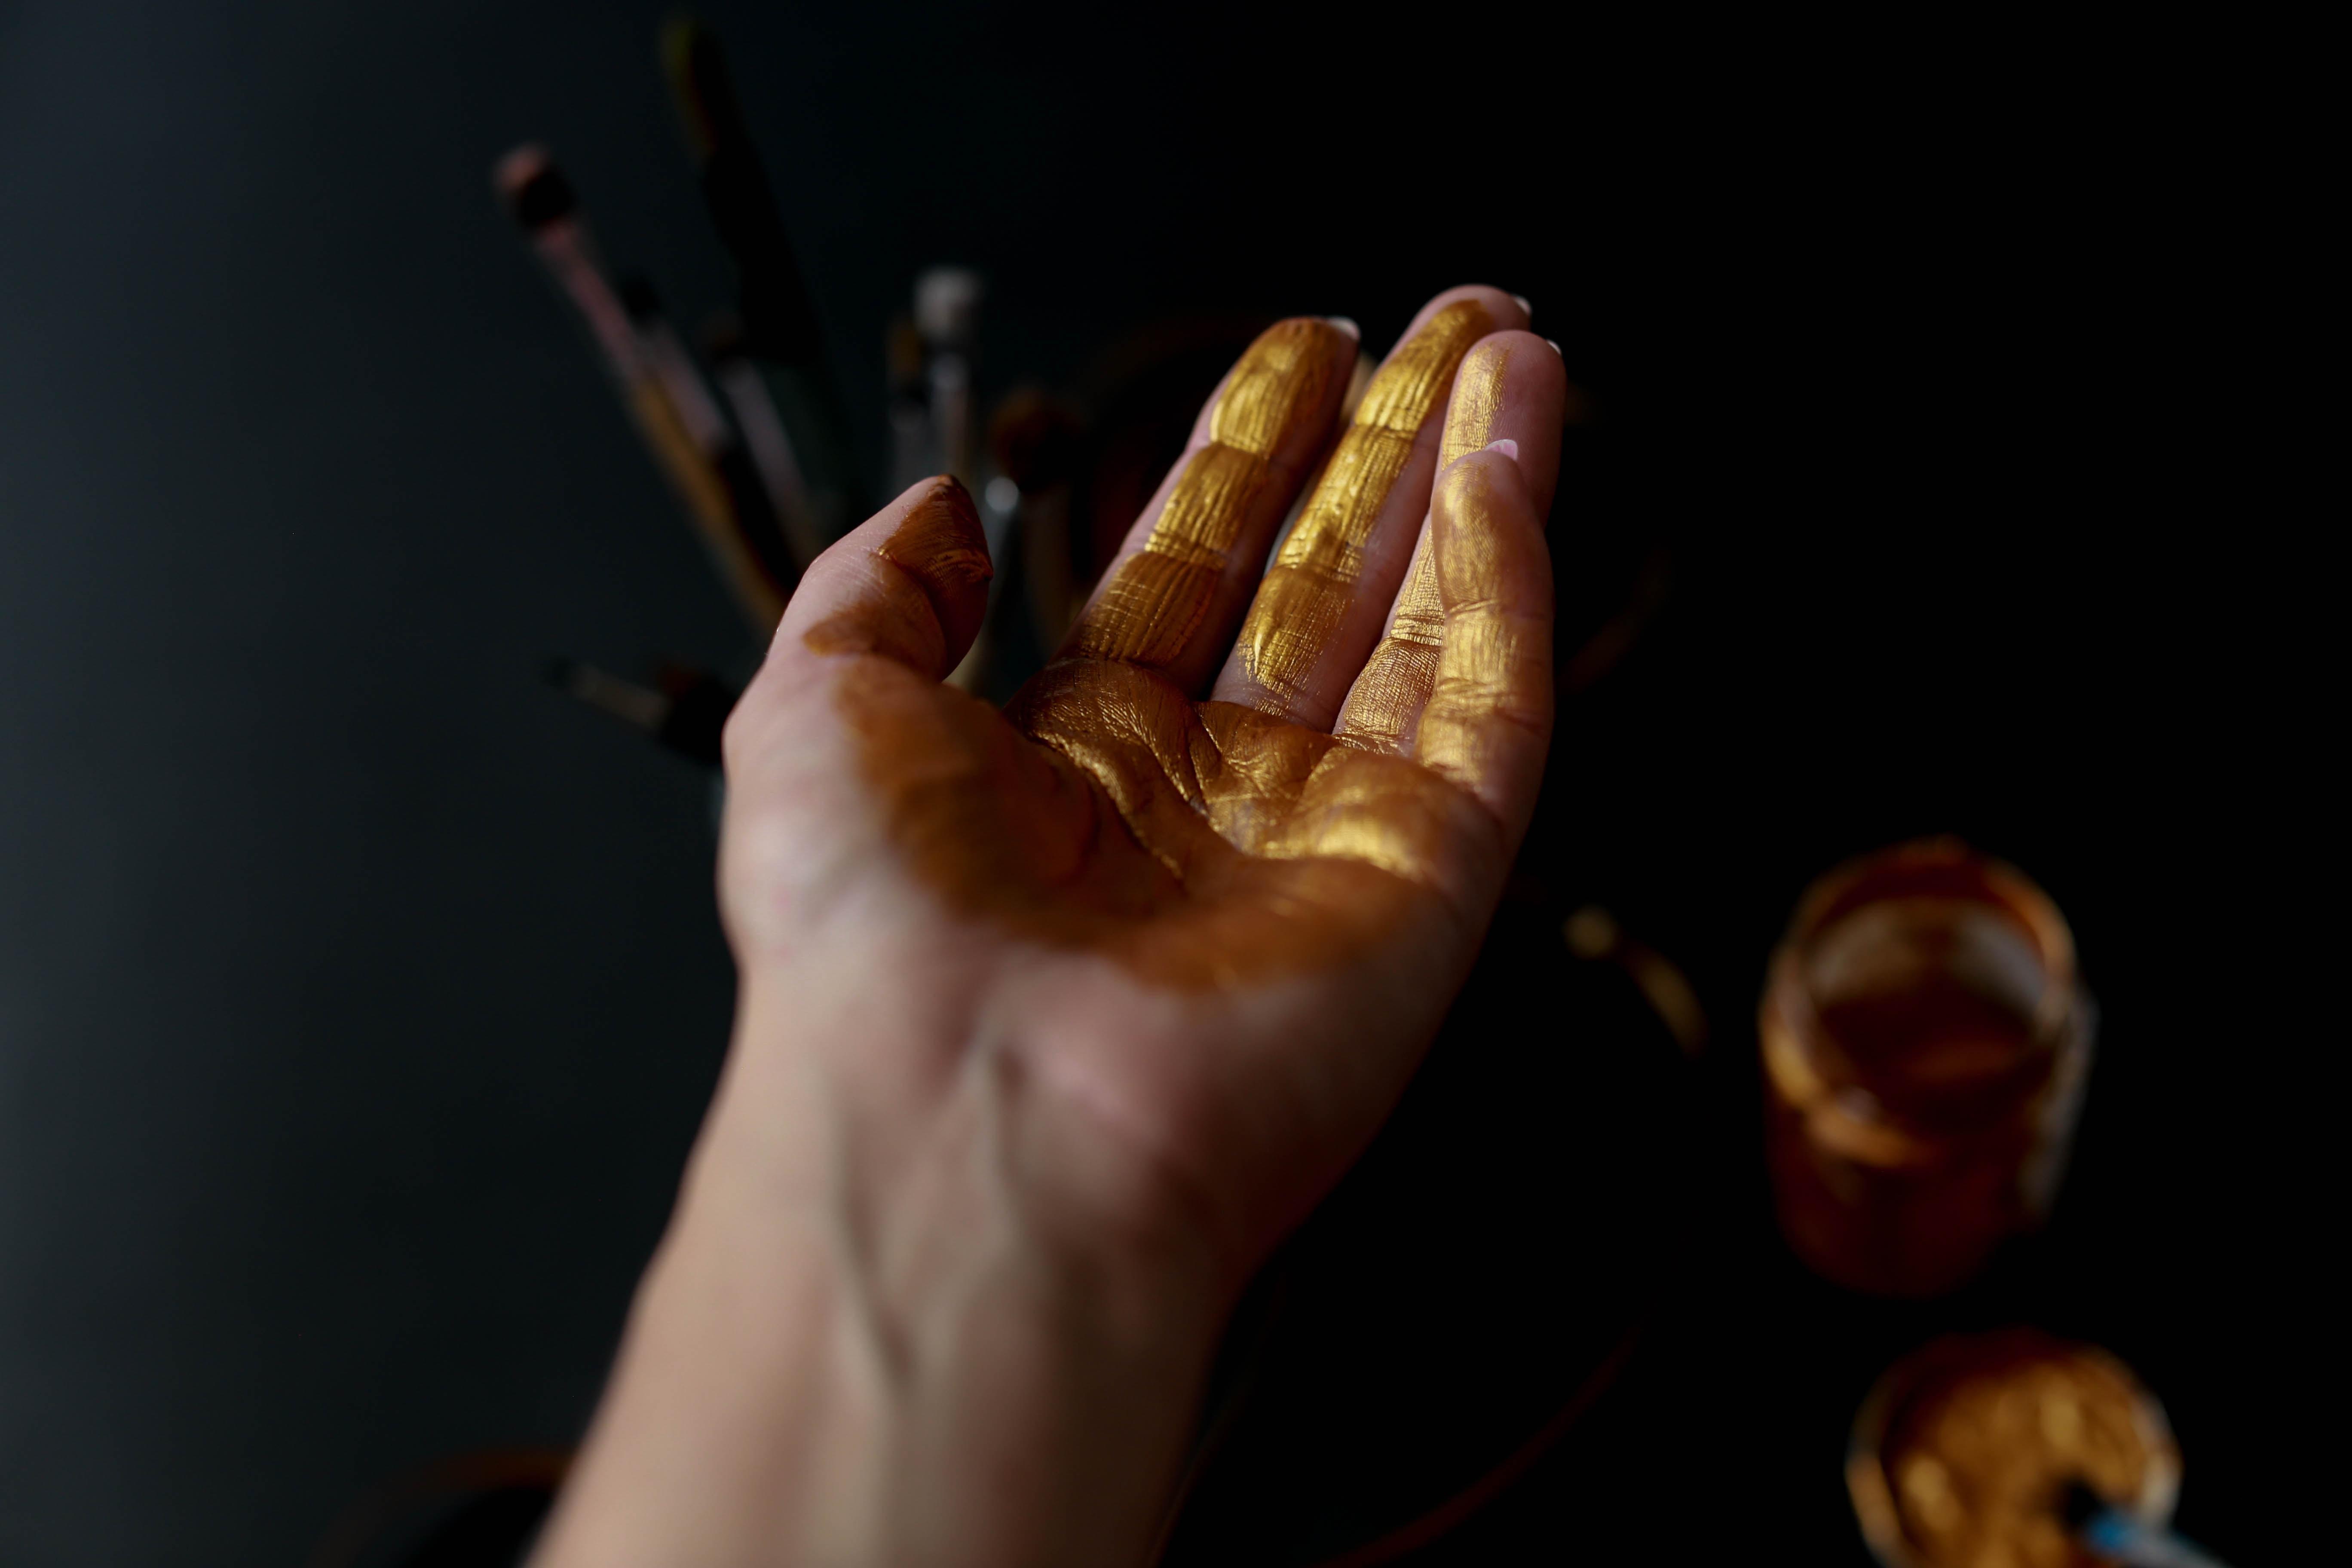 person's left palm